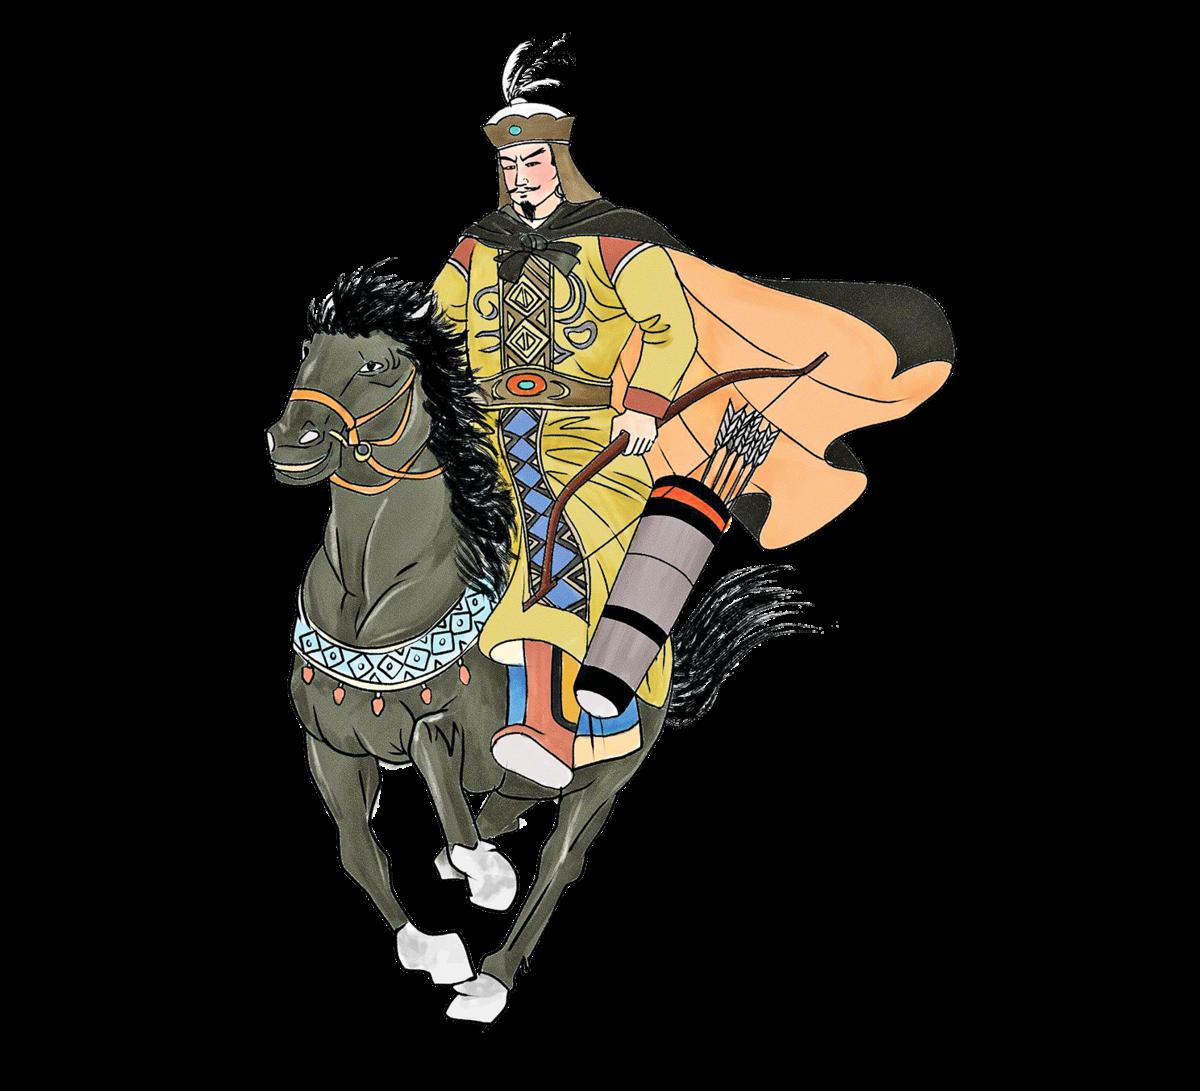 冒頓,公元前209年殺父繼位,後統一蒙古草原,建立了強大的匈奴帝國。